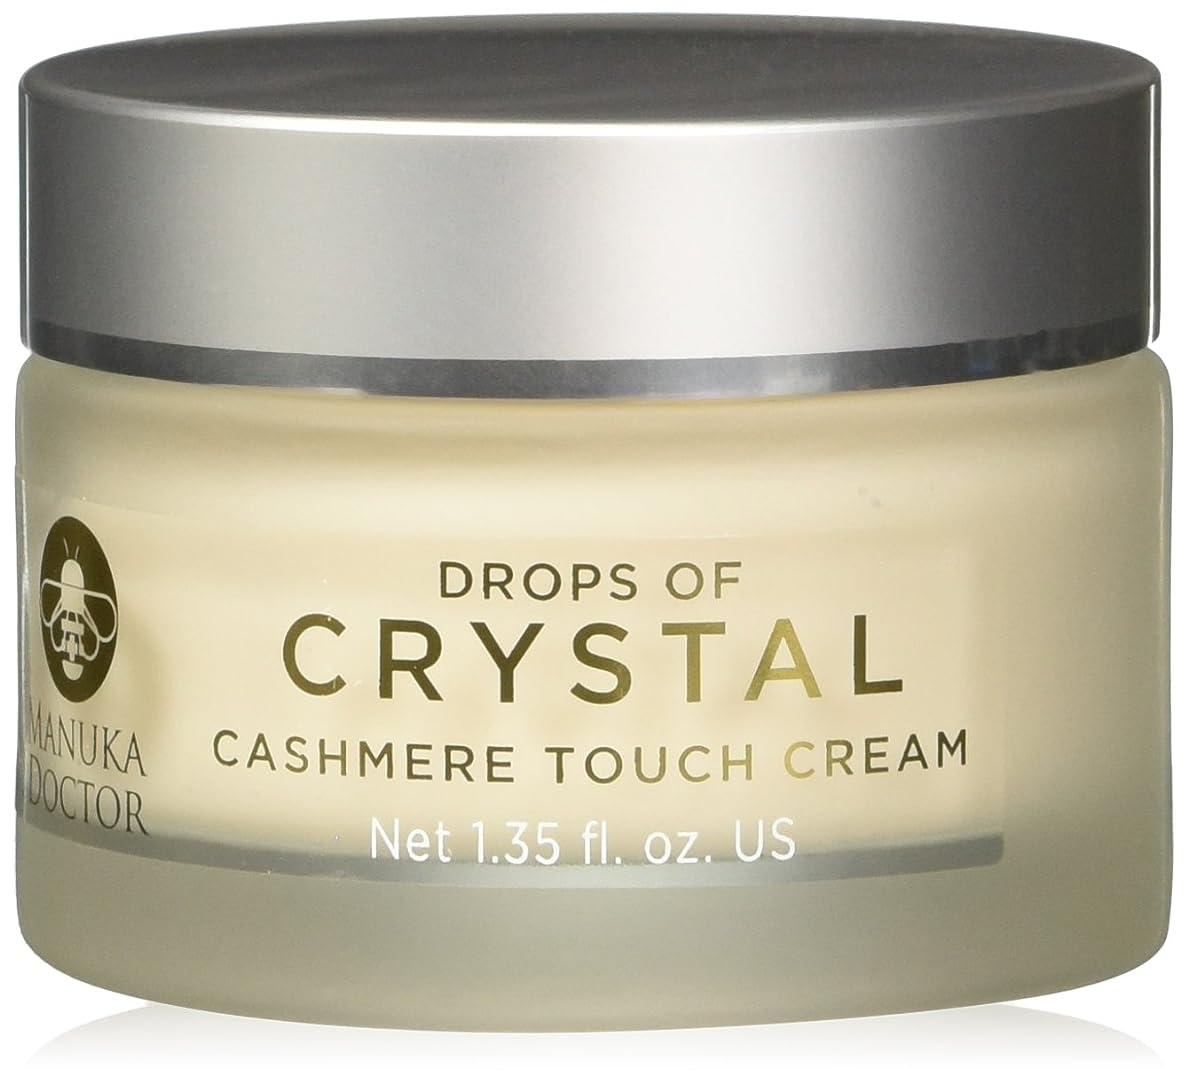 異なる開業医反論((マヌカドクター)ドロップスオブクリスタル?カシミアタッチクリーム40ml)(DropsOfCrystal)Cashmere Touch Cream 40ml